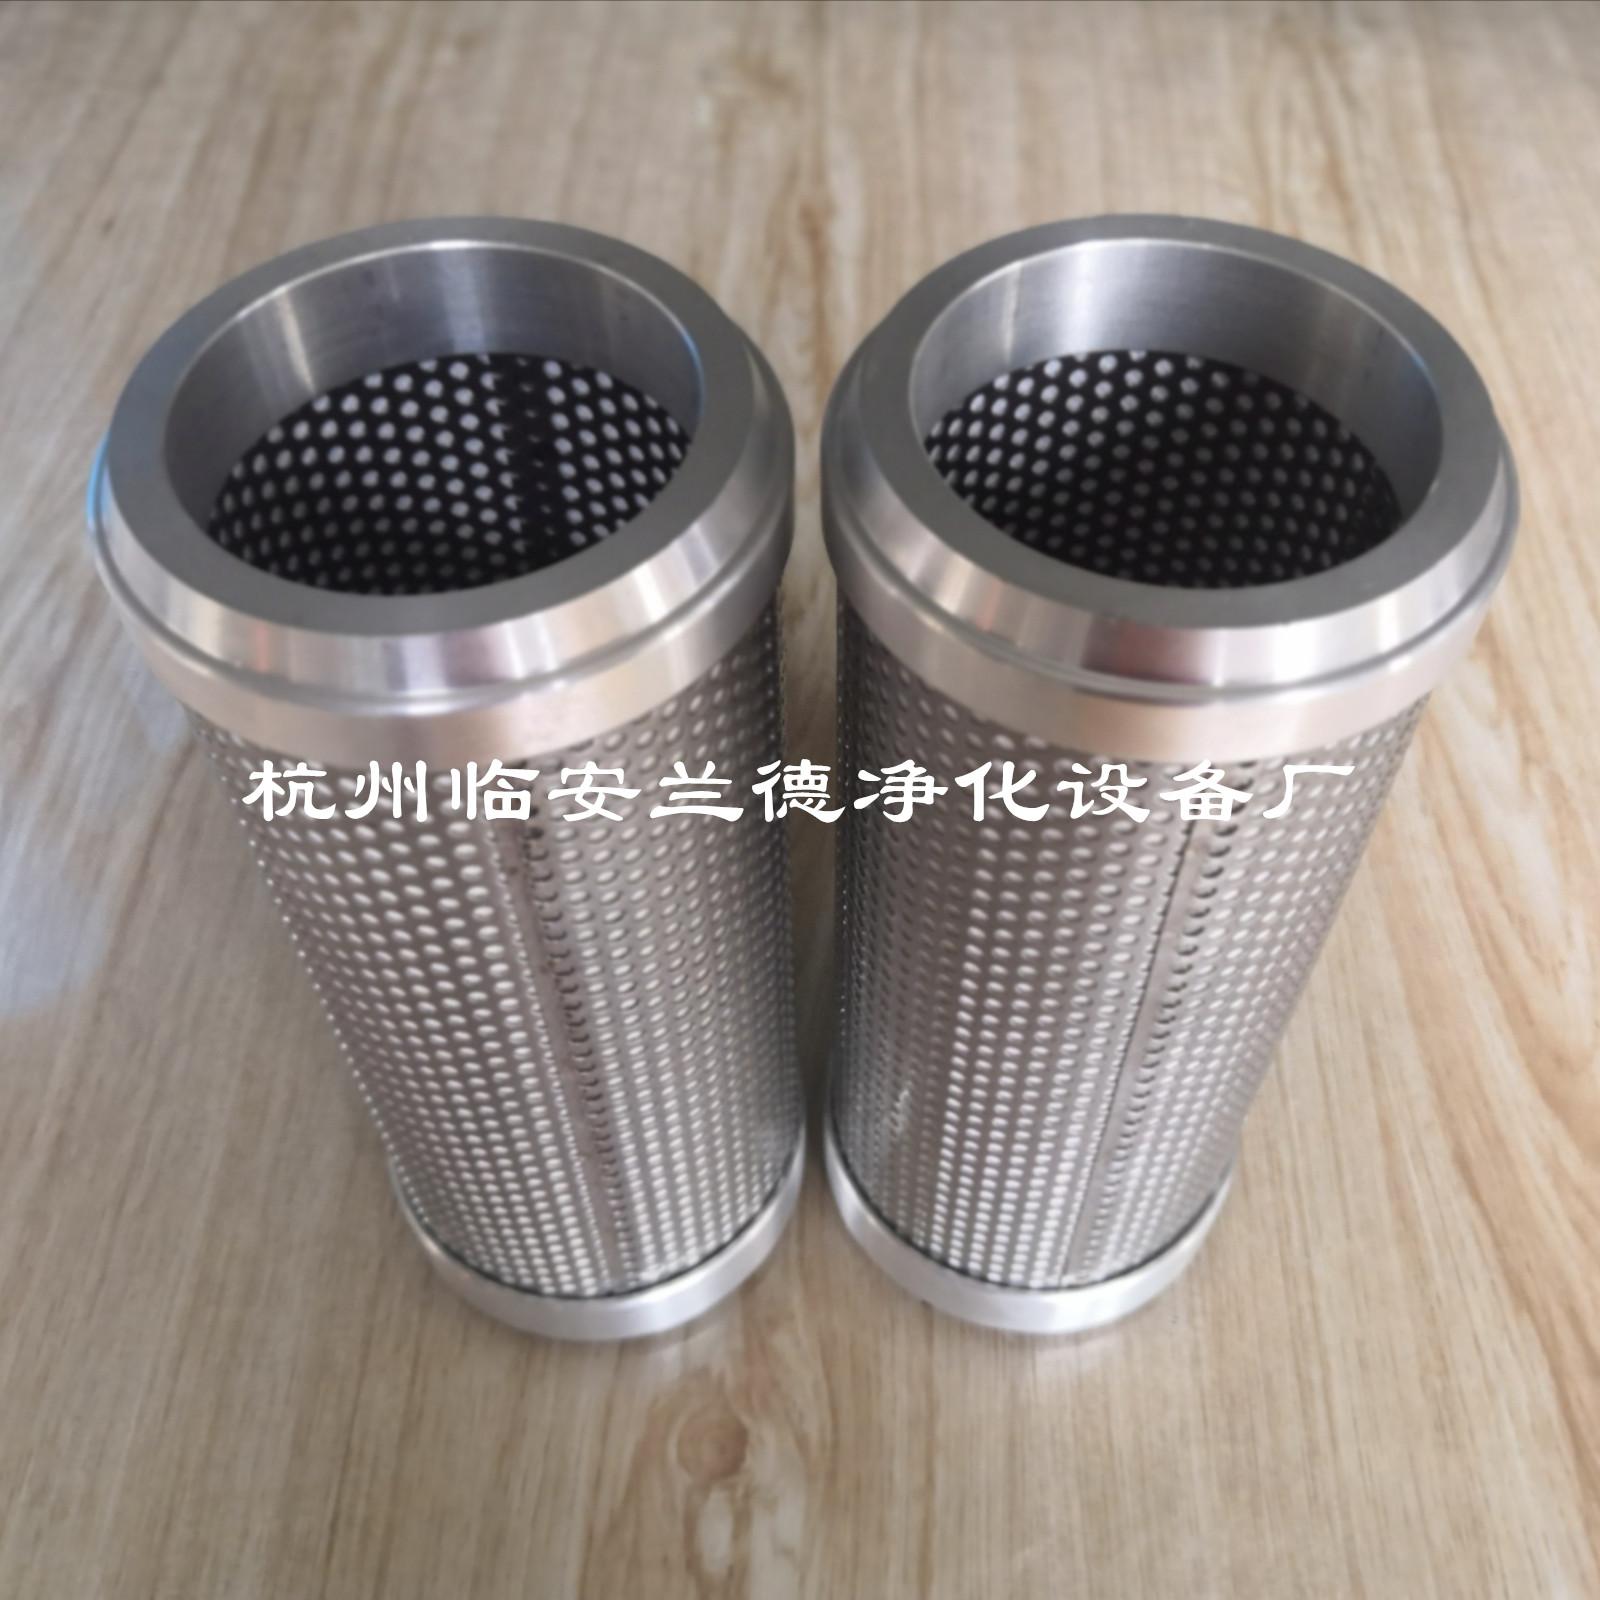 多明尼克汉德吸干机消音器608620090排放消声器